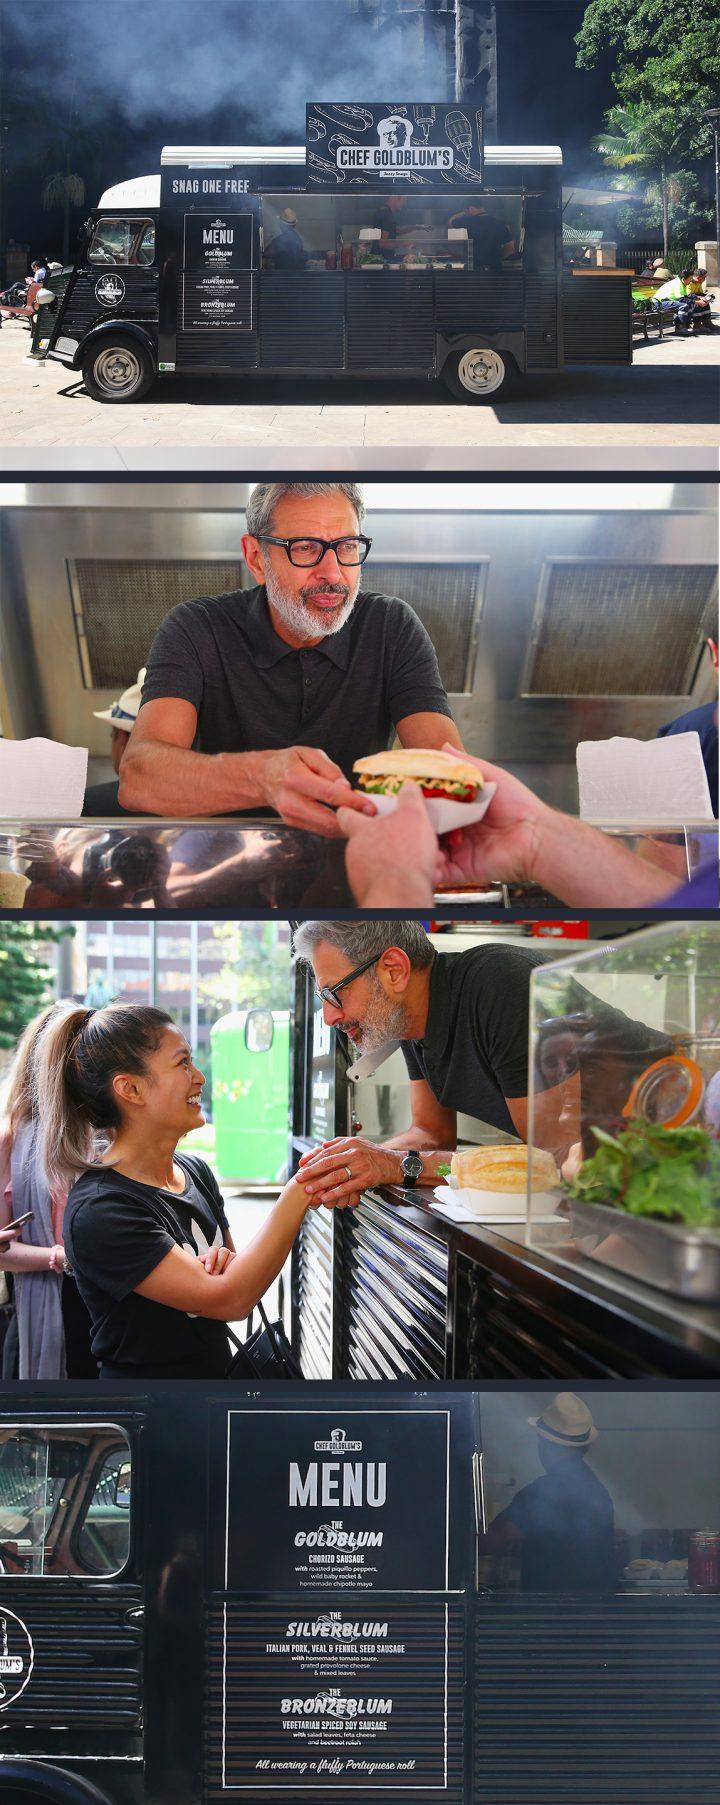 Chef Goldbum's Food Truck